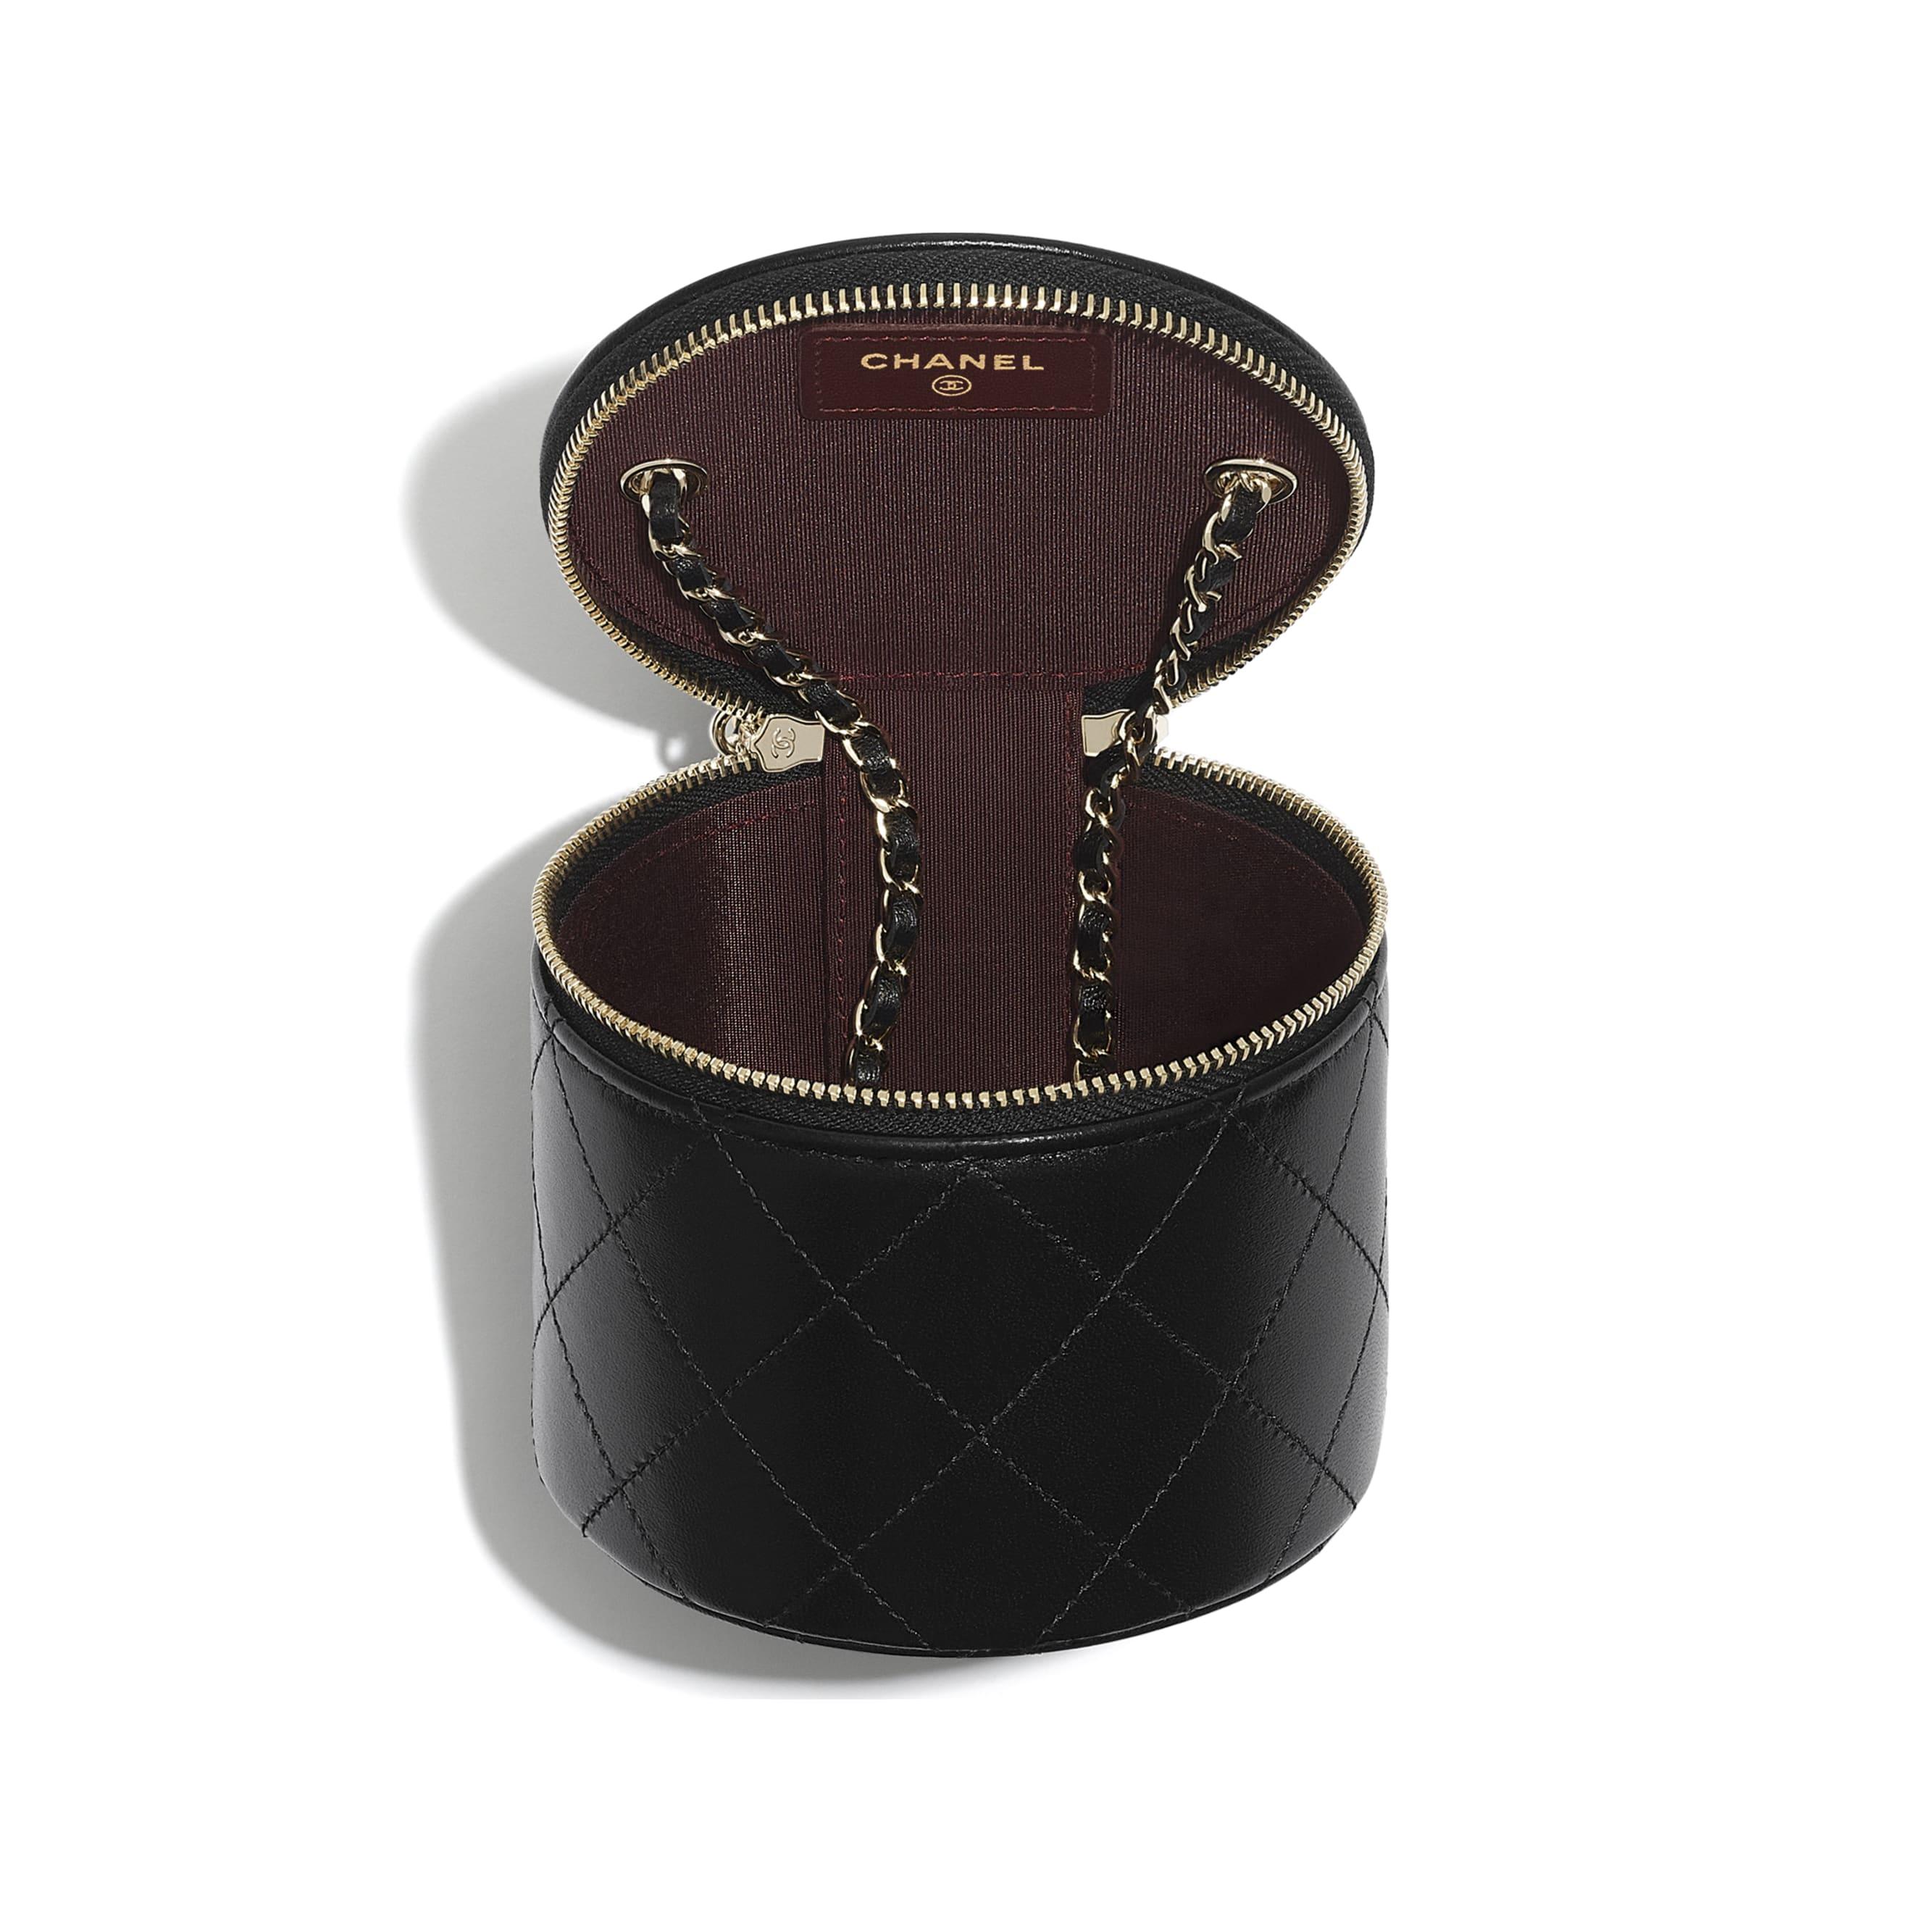 Косметичка Vanity на цепочке маленького размера - Черный - Кожа ягненка и золотистый металл - CHANEL - Другое изображение - посмотреть изображение стандартного размера